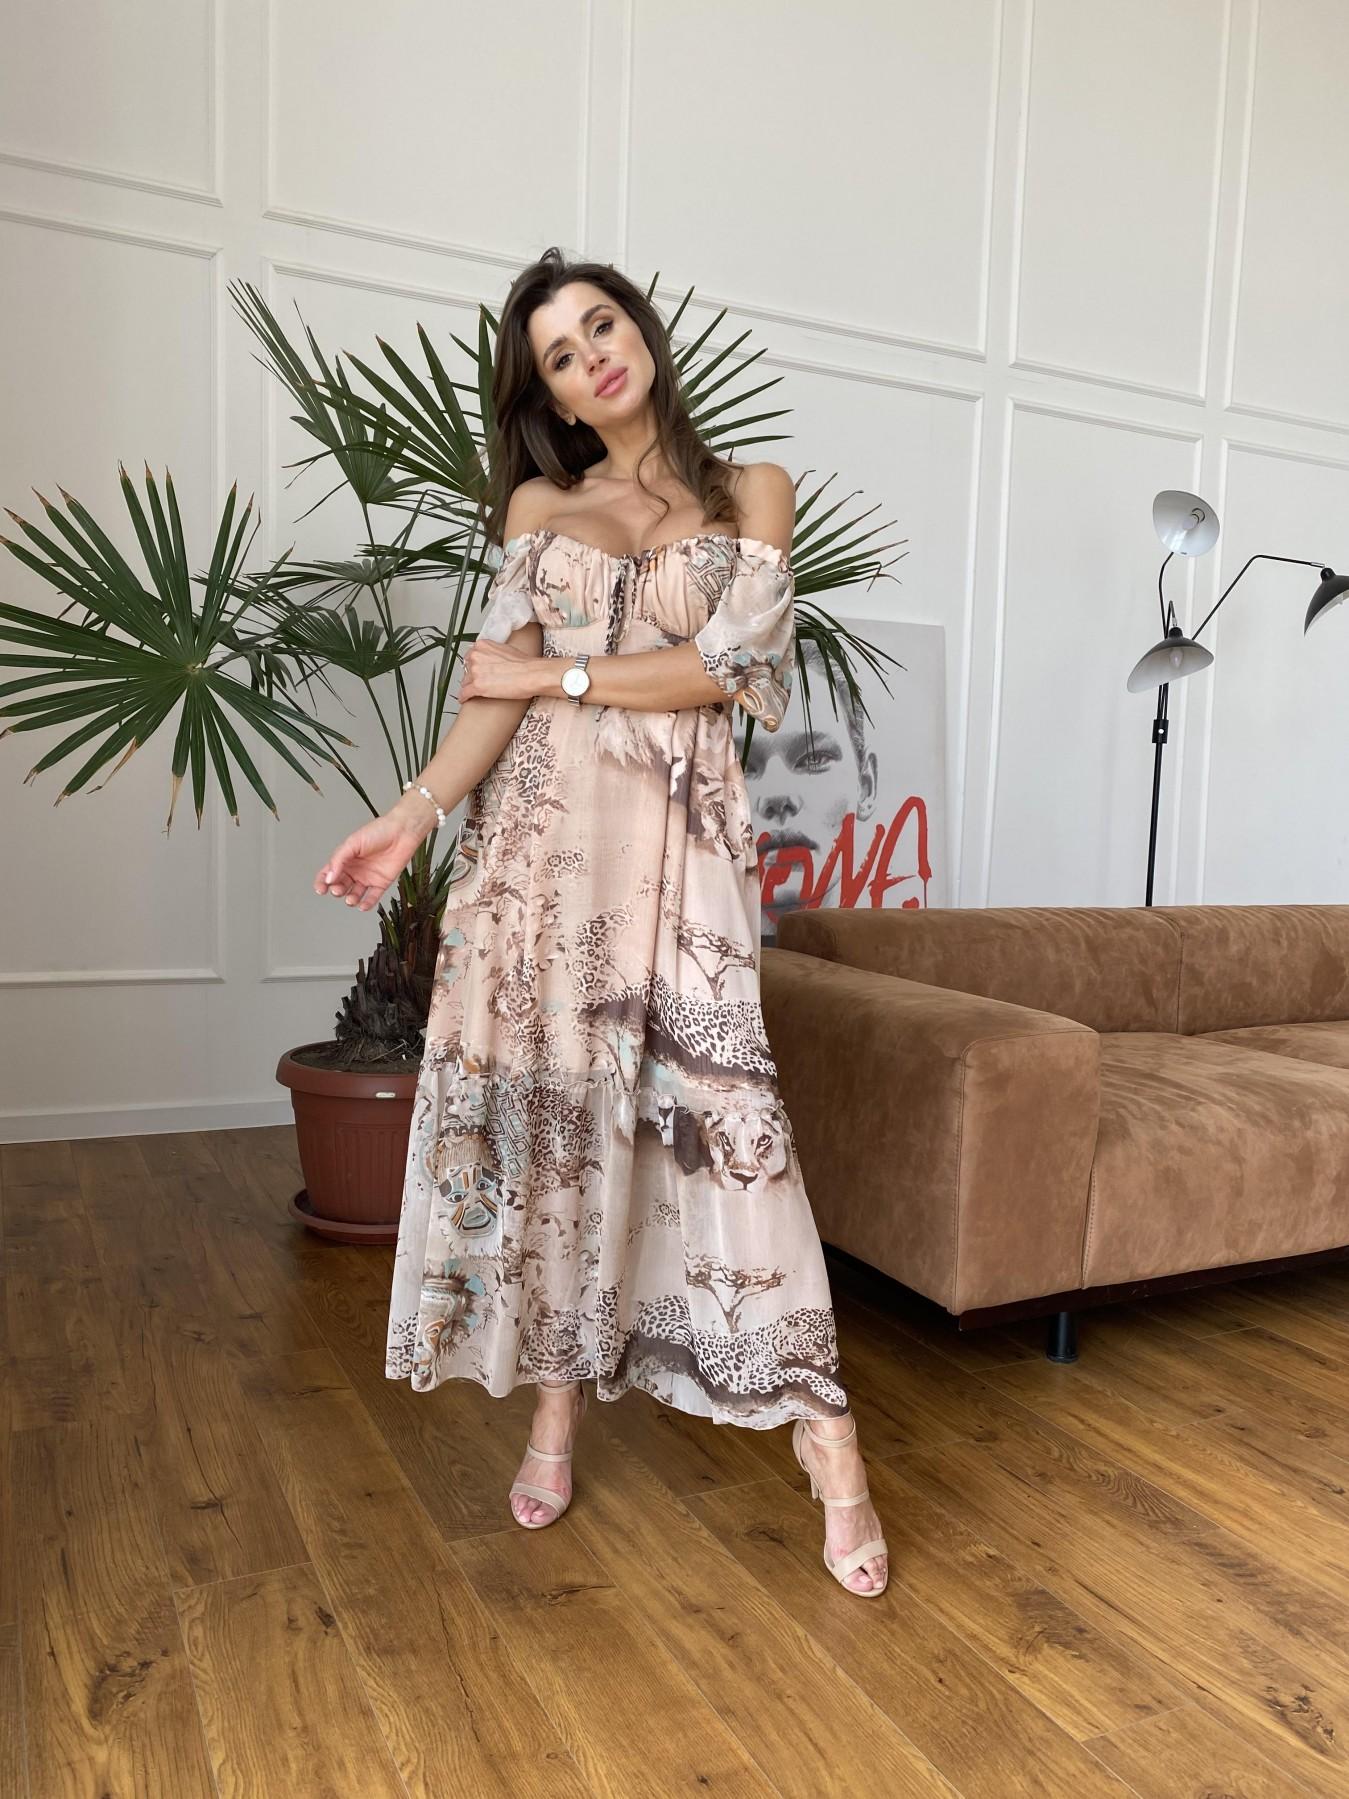 Лоретта платье из шифона в принт 11468 АРТ. 48265 Цвет: Бежевый/бирюзаЛеопард2 - фото 6, интернет магазин tm-modus.ru